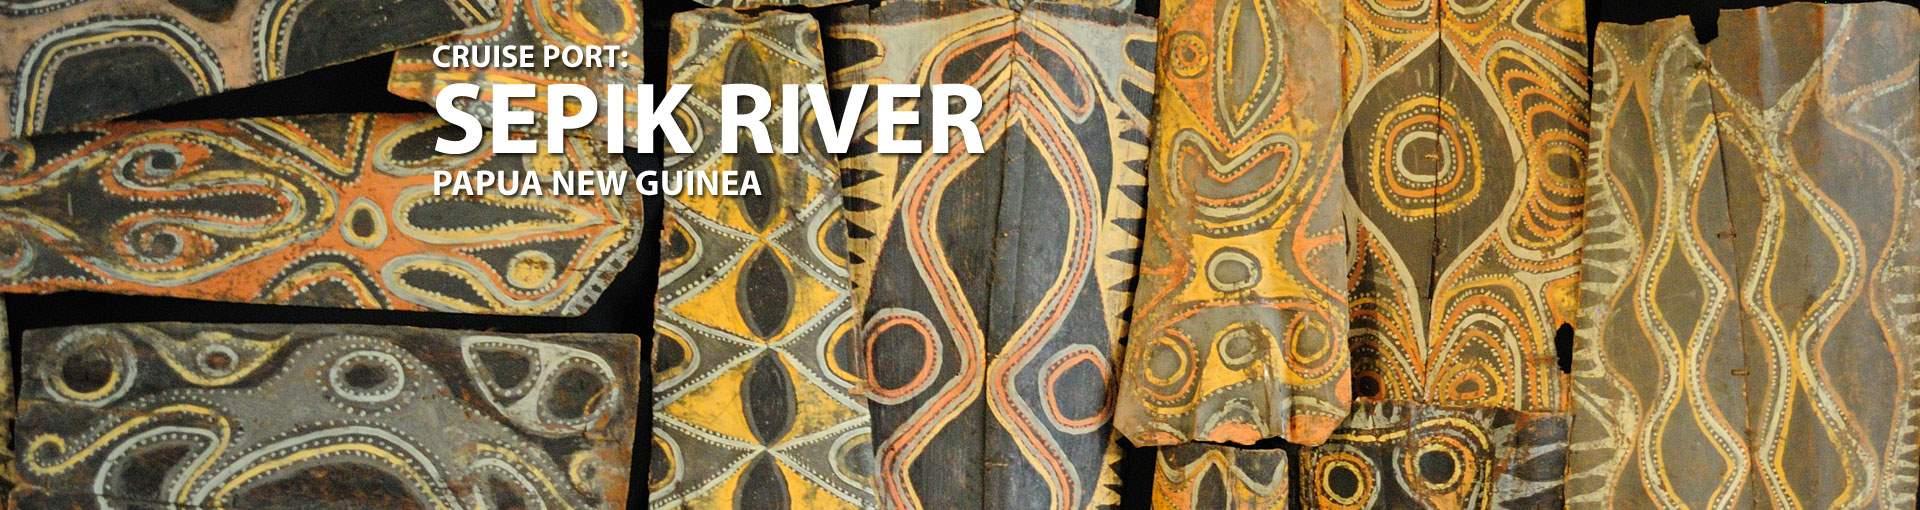 Cruises to Sepik River, Papua New Guinea